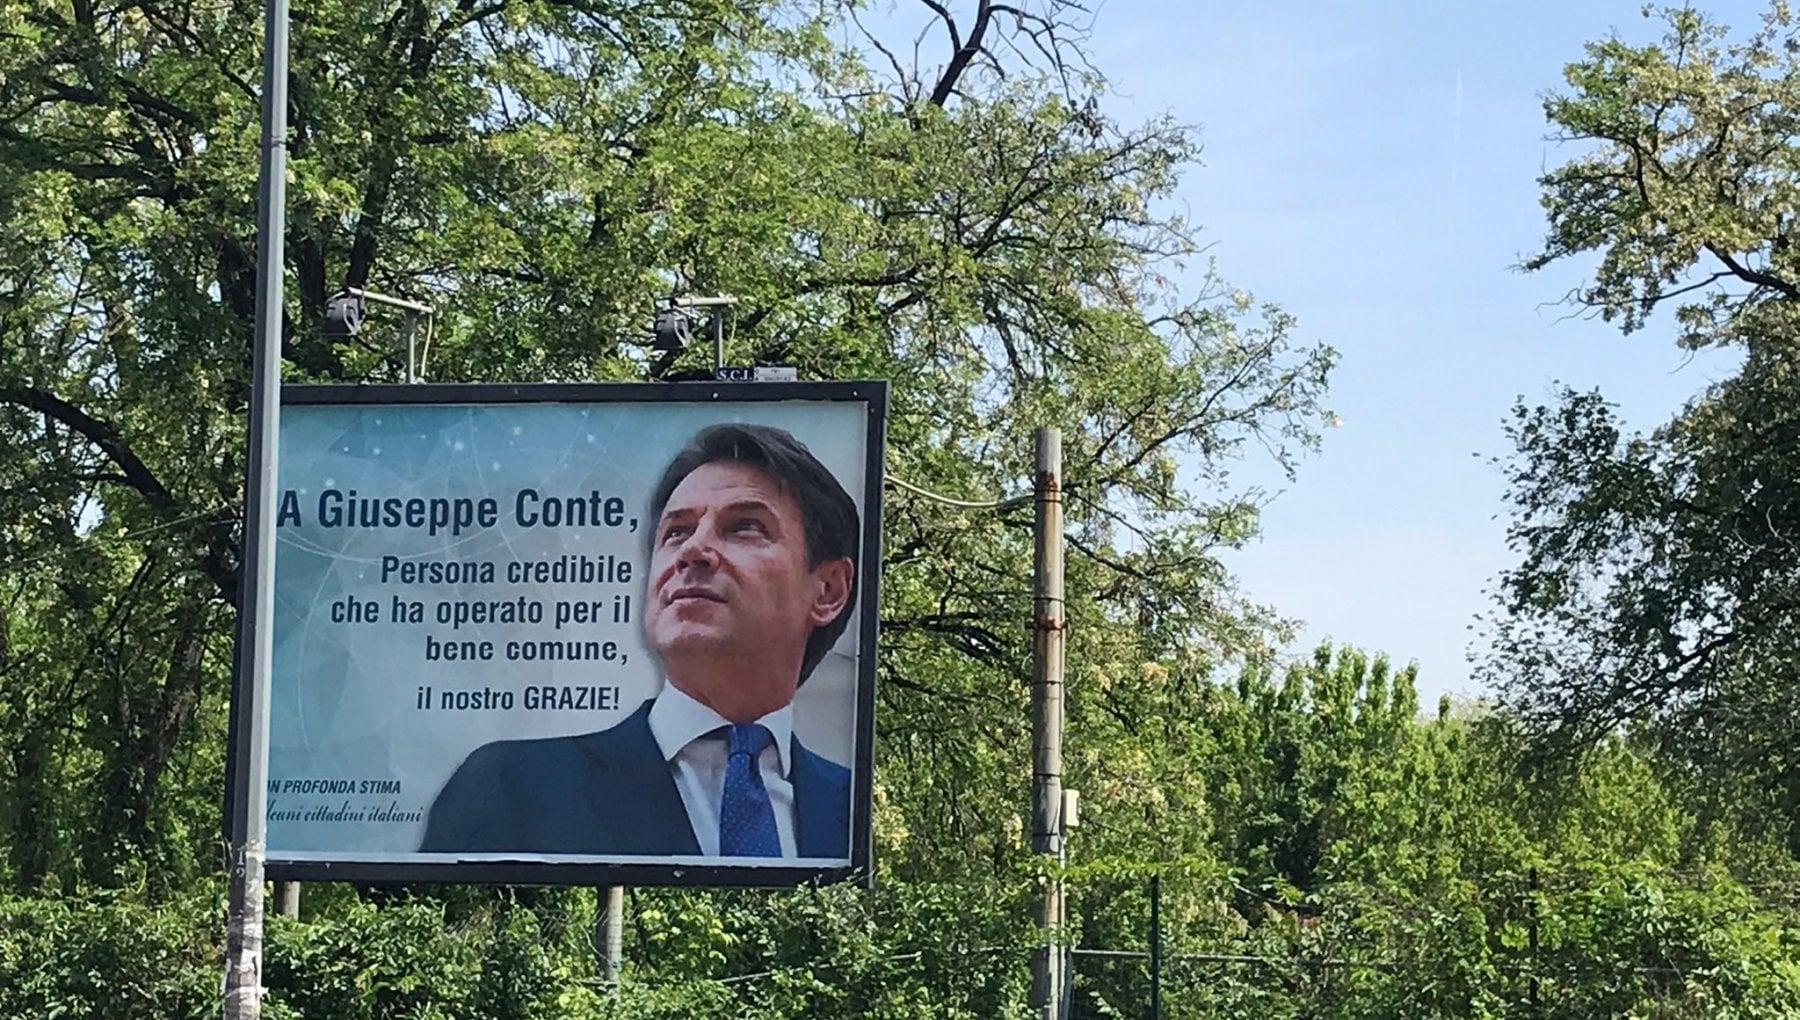 A Milano spunta il cartellone dei fan di Conte - la Repubblica